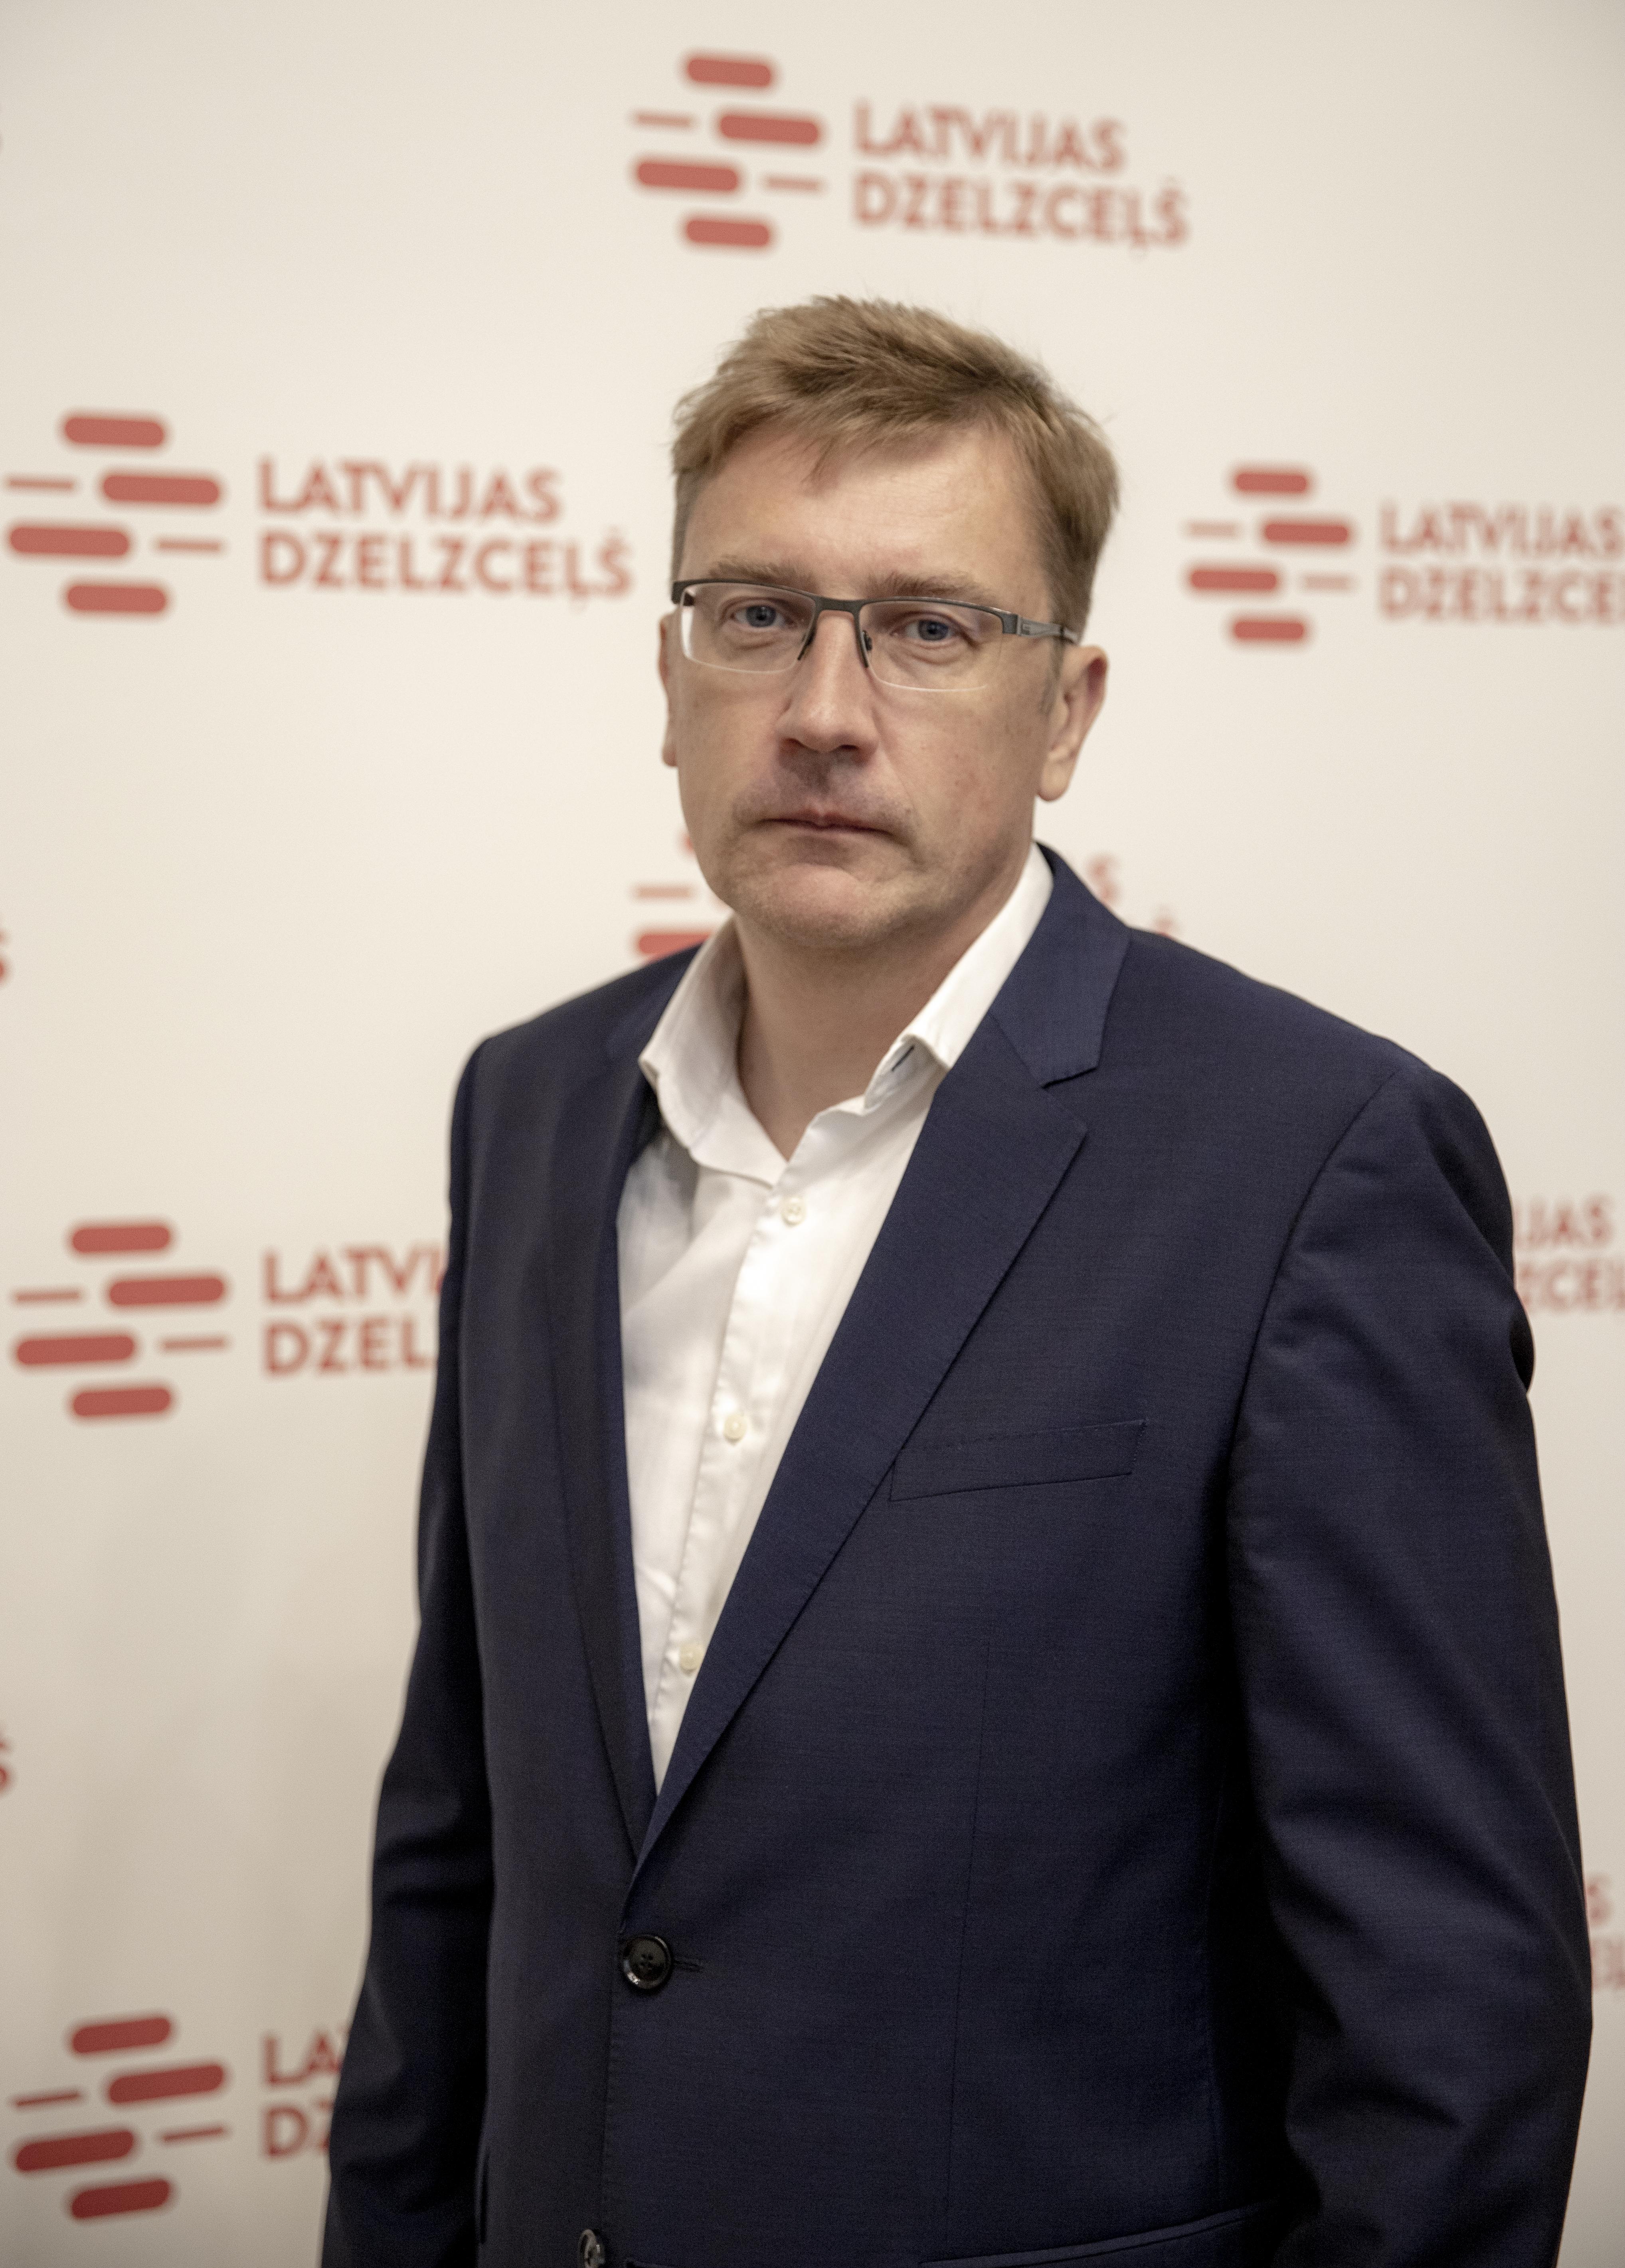 Andris Liepiņš